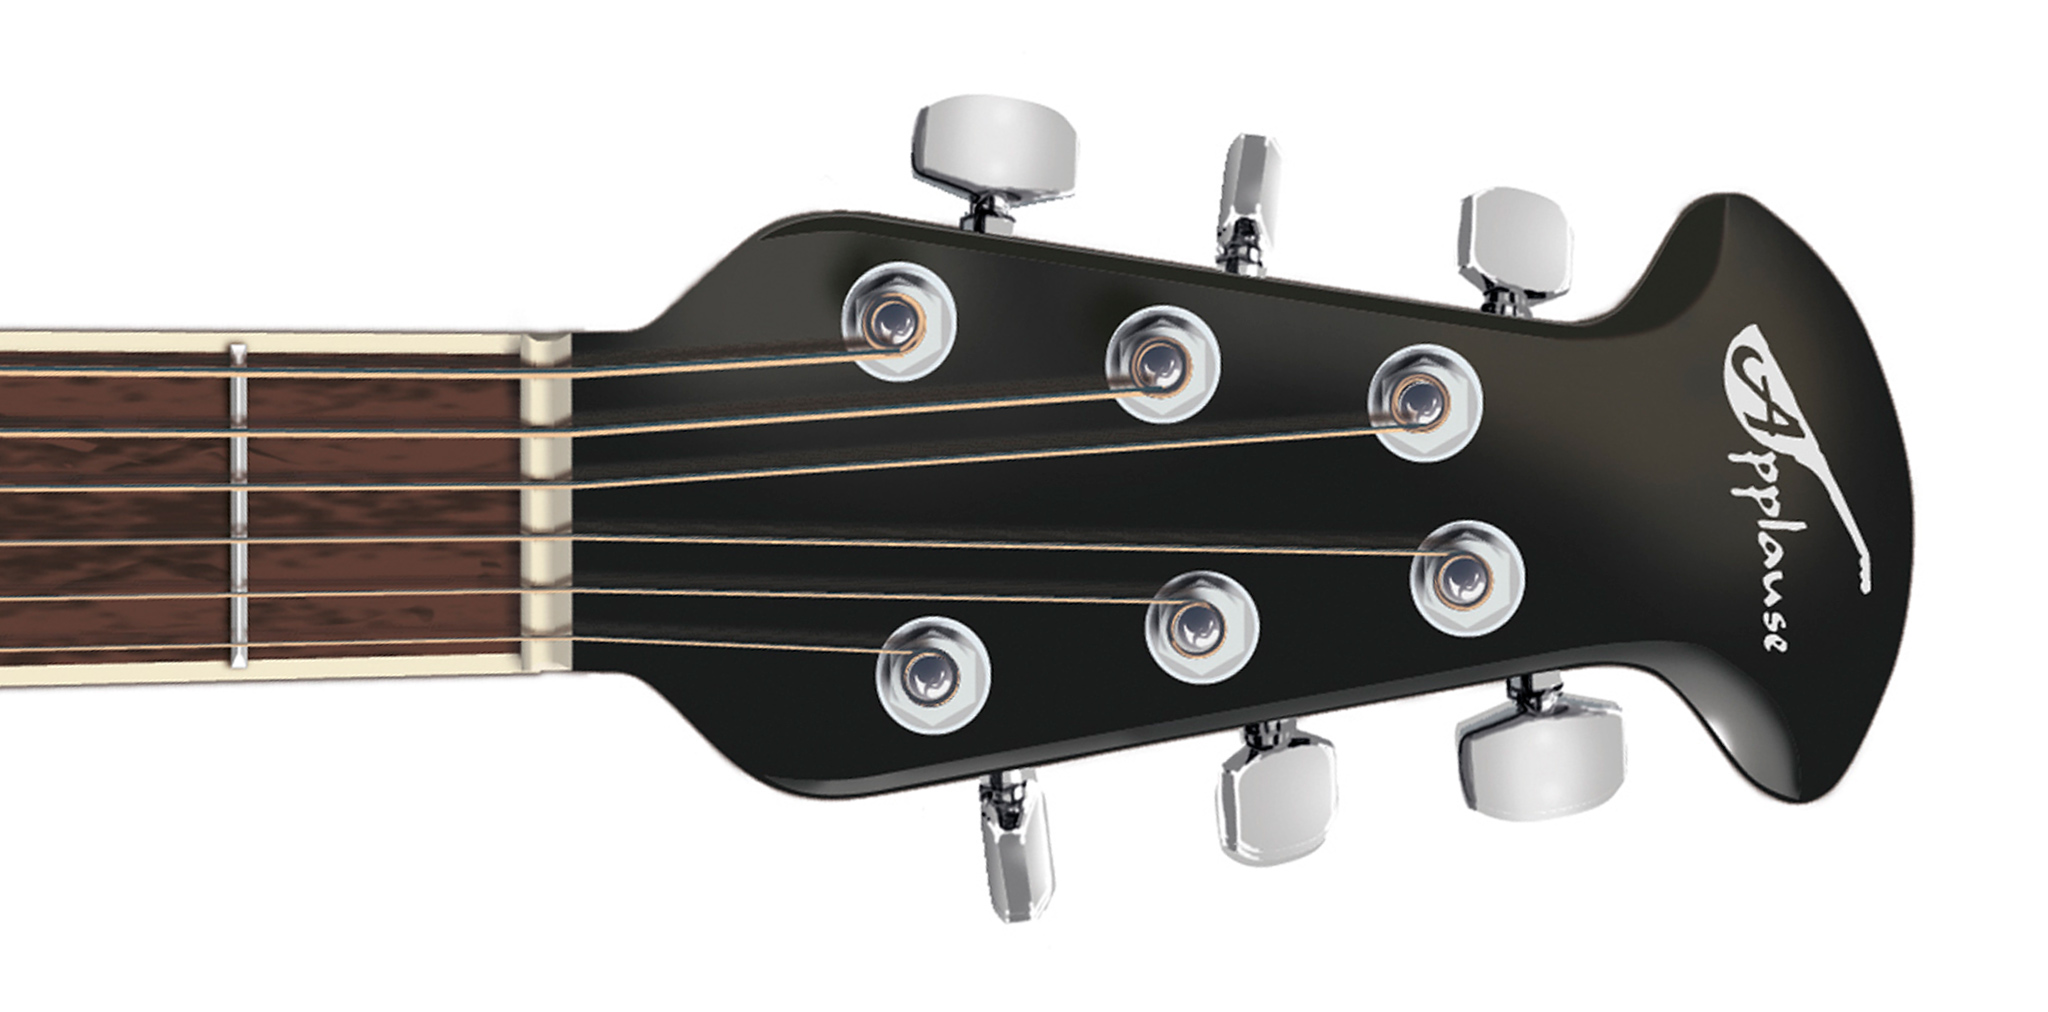 gitarr detaljbild